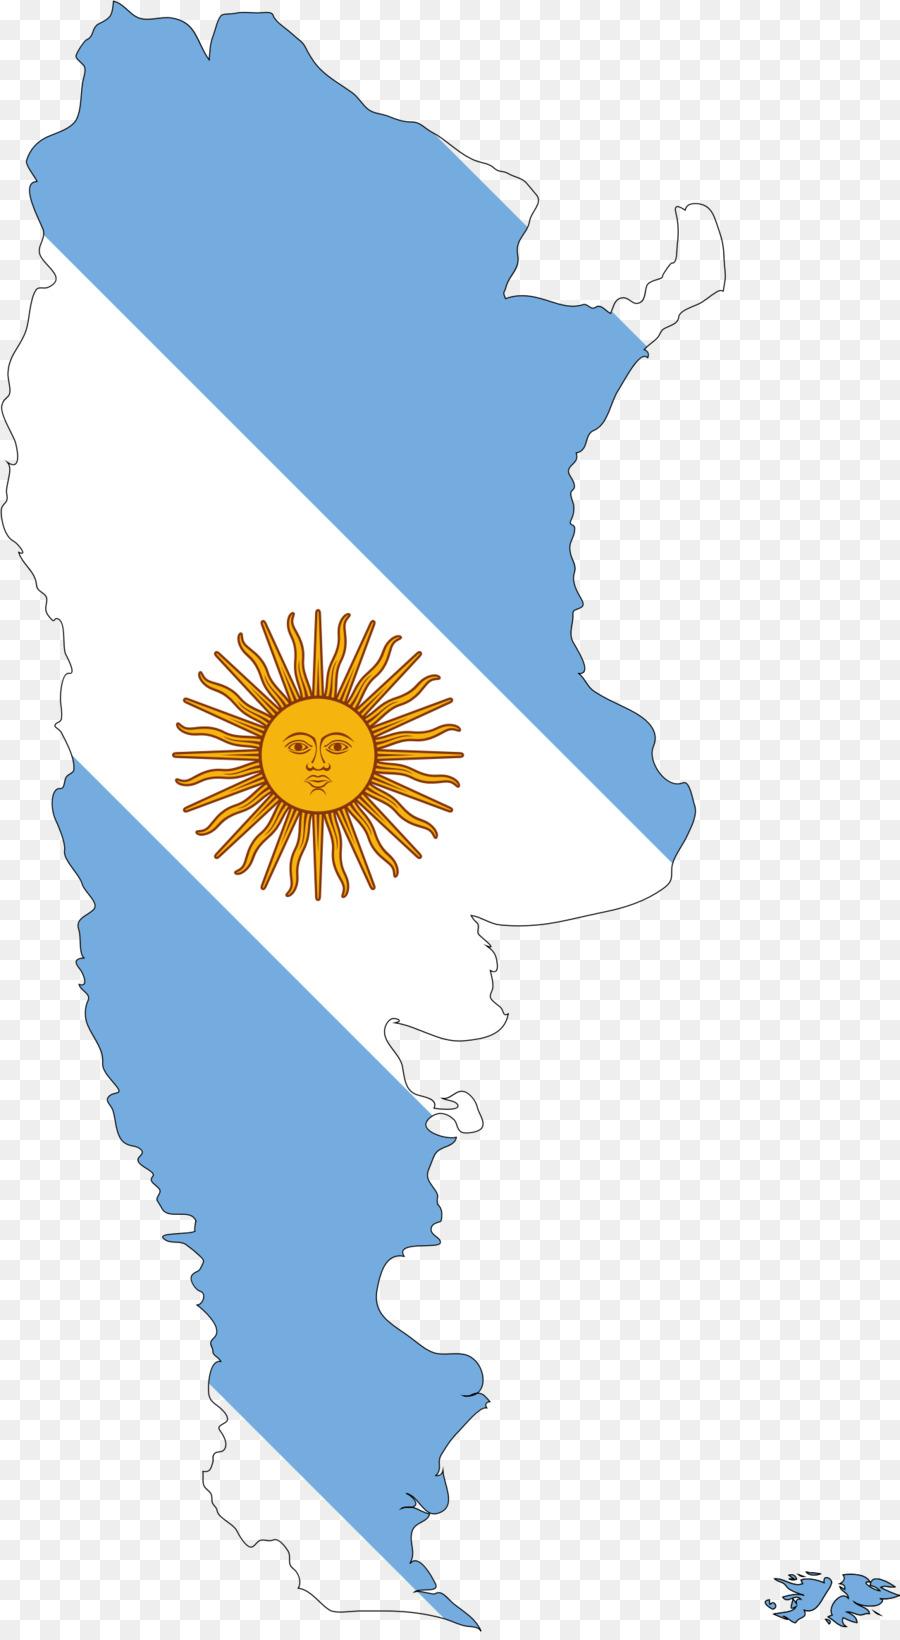 Cartoon Sun Png Download 1277 2316 Free Transparent Argentina